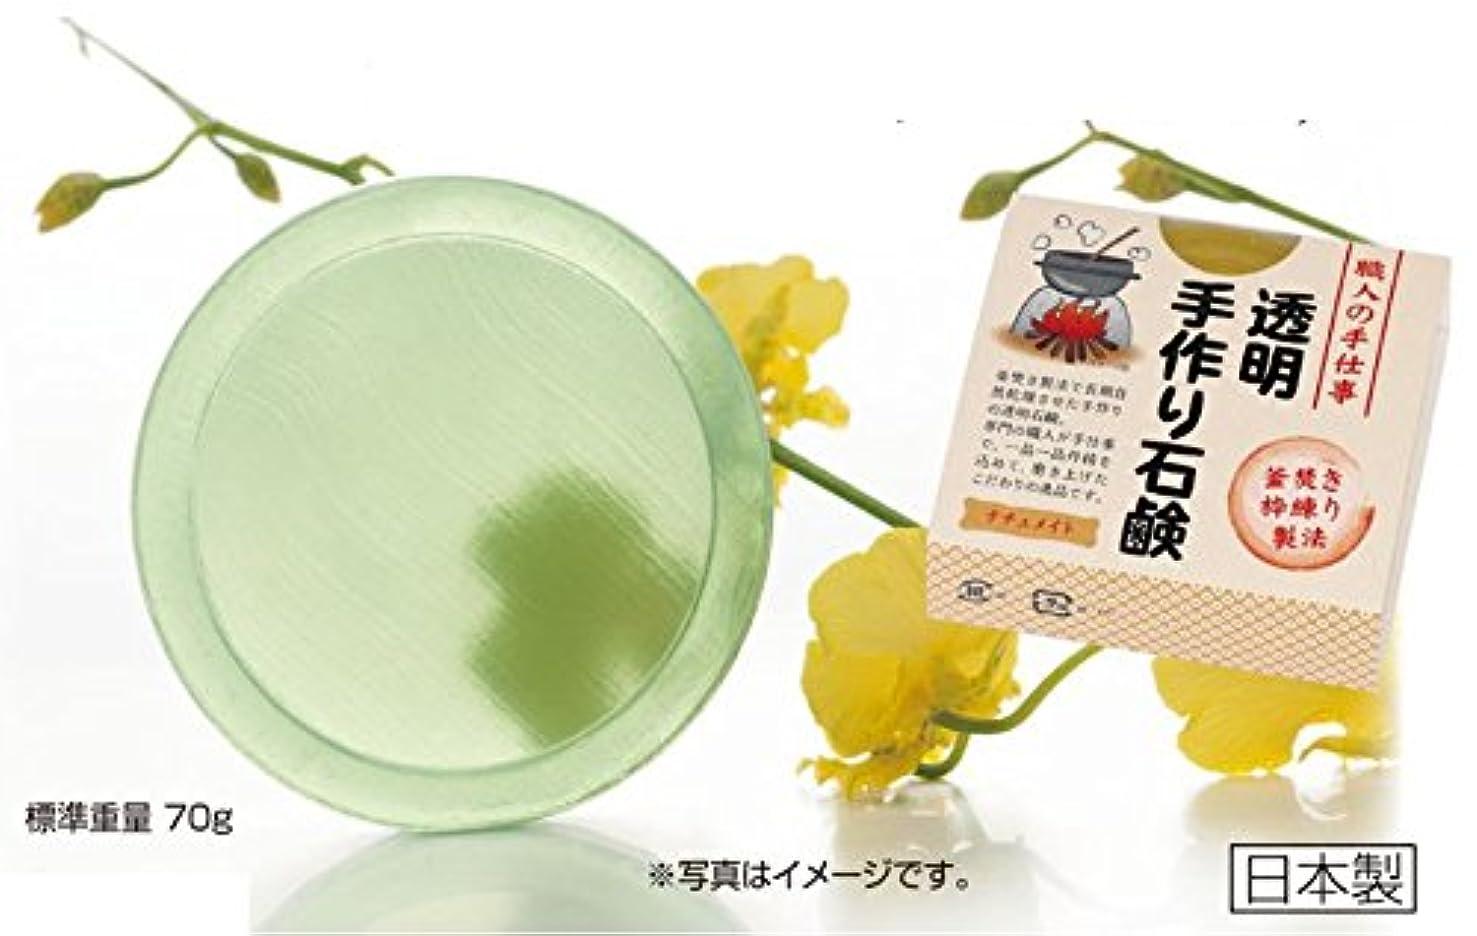 メッシュ遊び場店員職人の手仕事 透明手作り石鹸 2個組(泡立てネット1枚付)